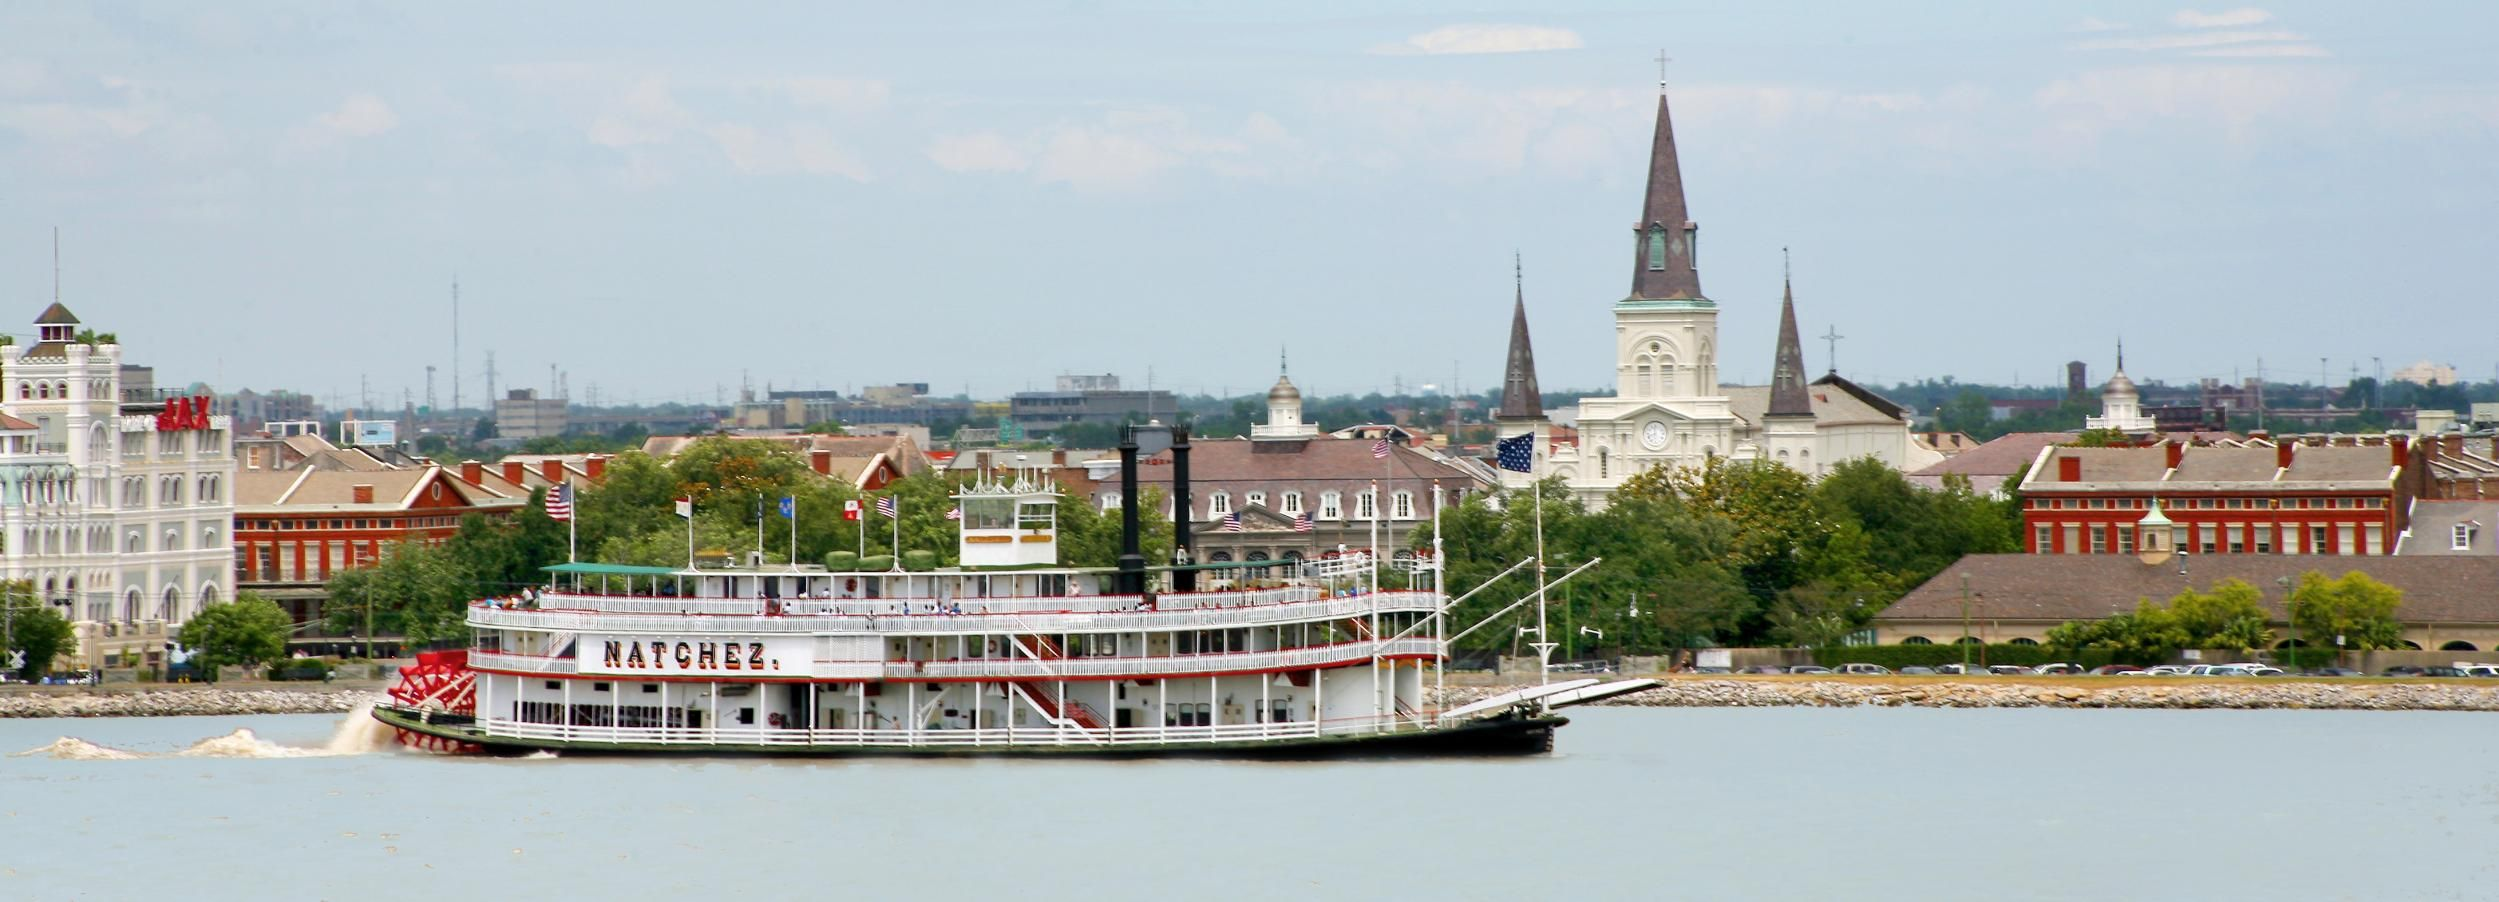 Nueva Orleans: brunch y jazz en un barco de vapor